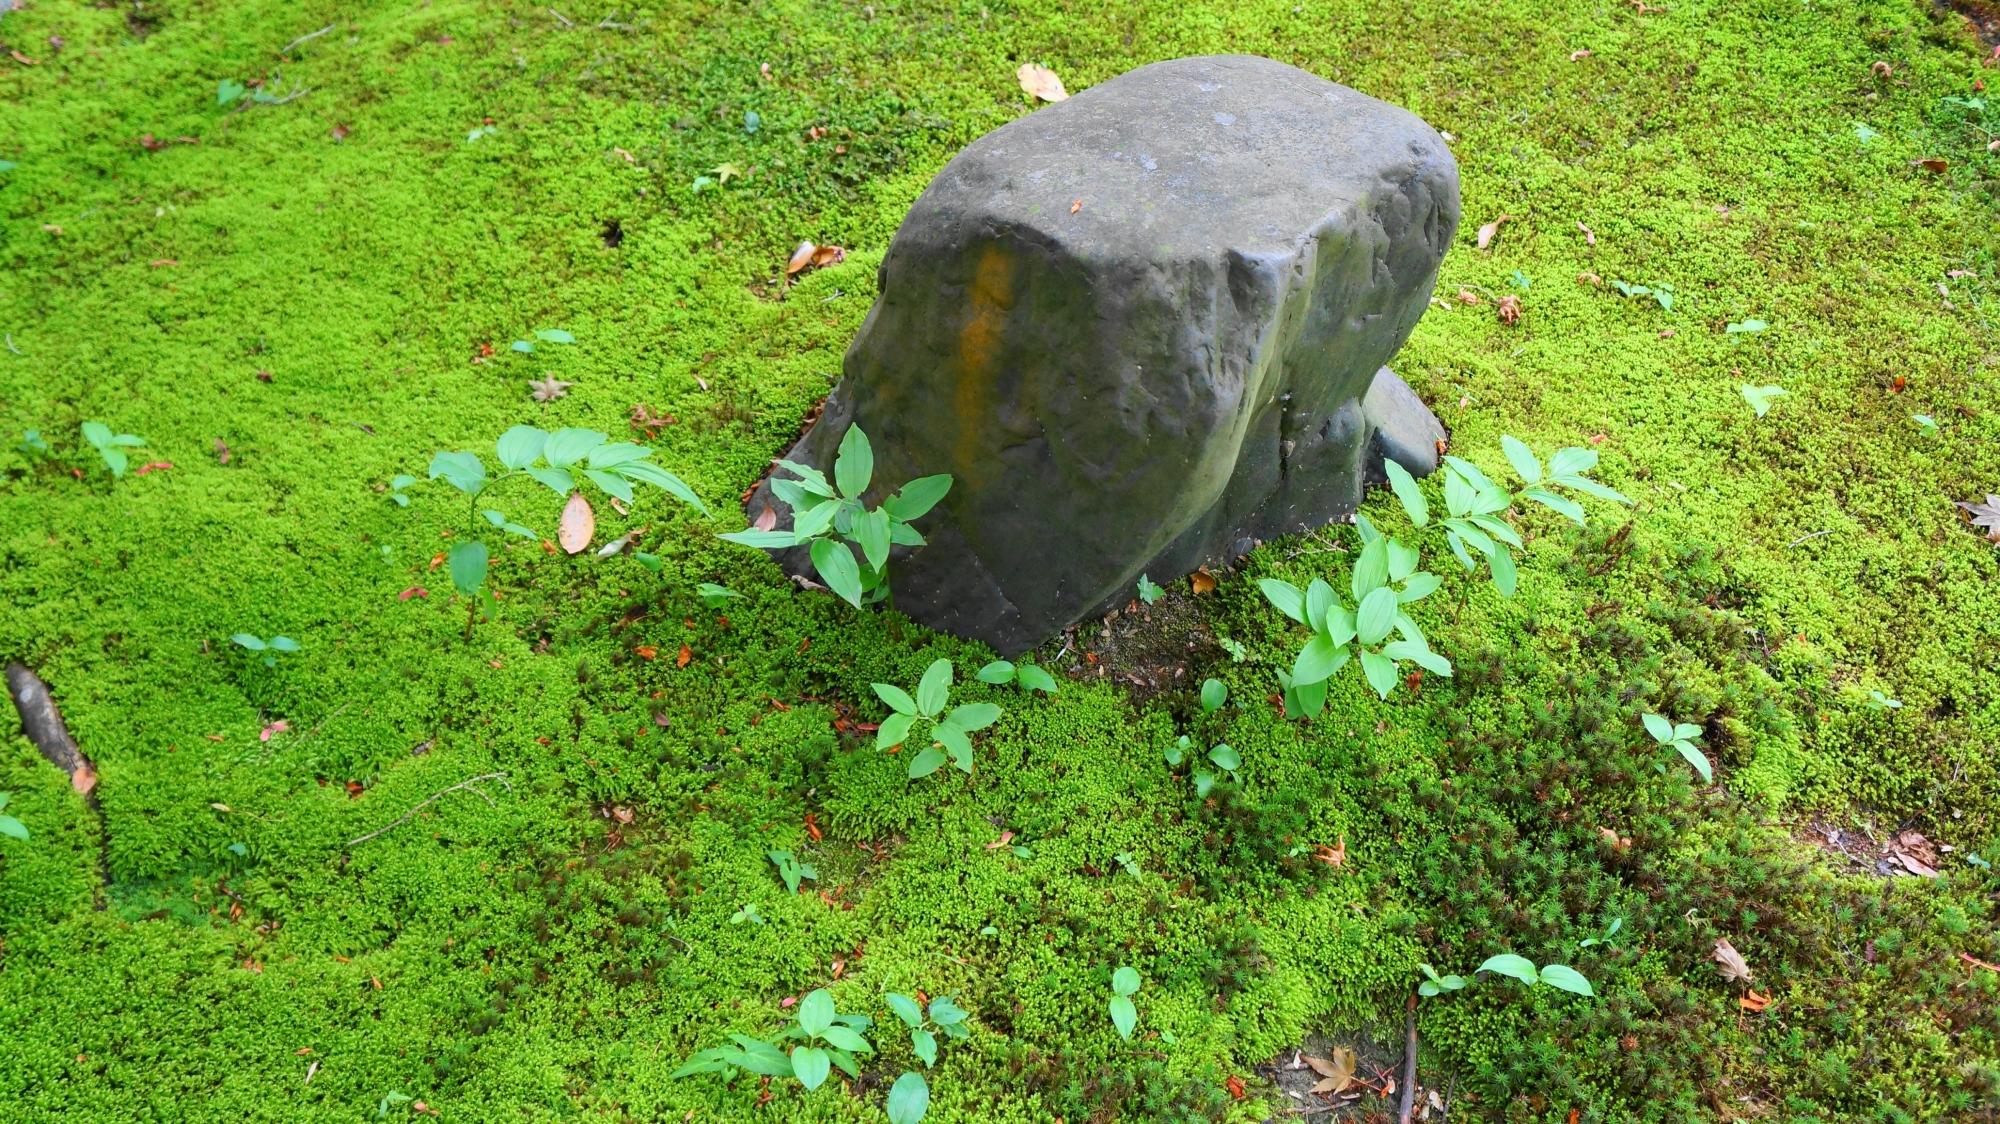 金福寺の静かな境内を彩る淡い緑の苔